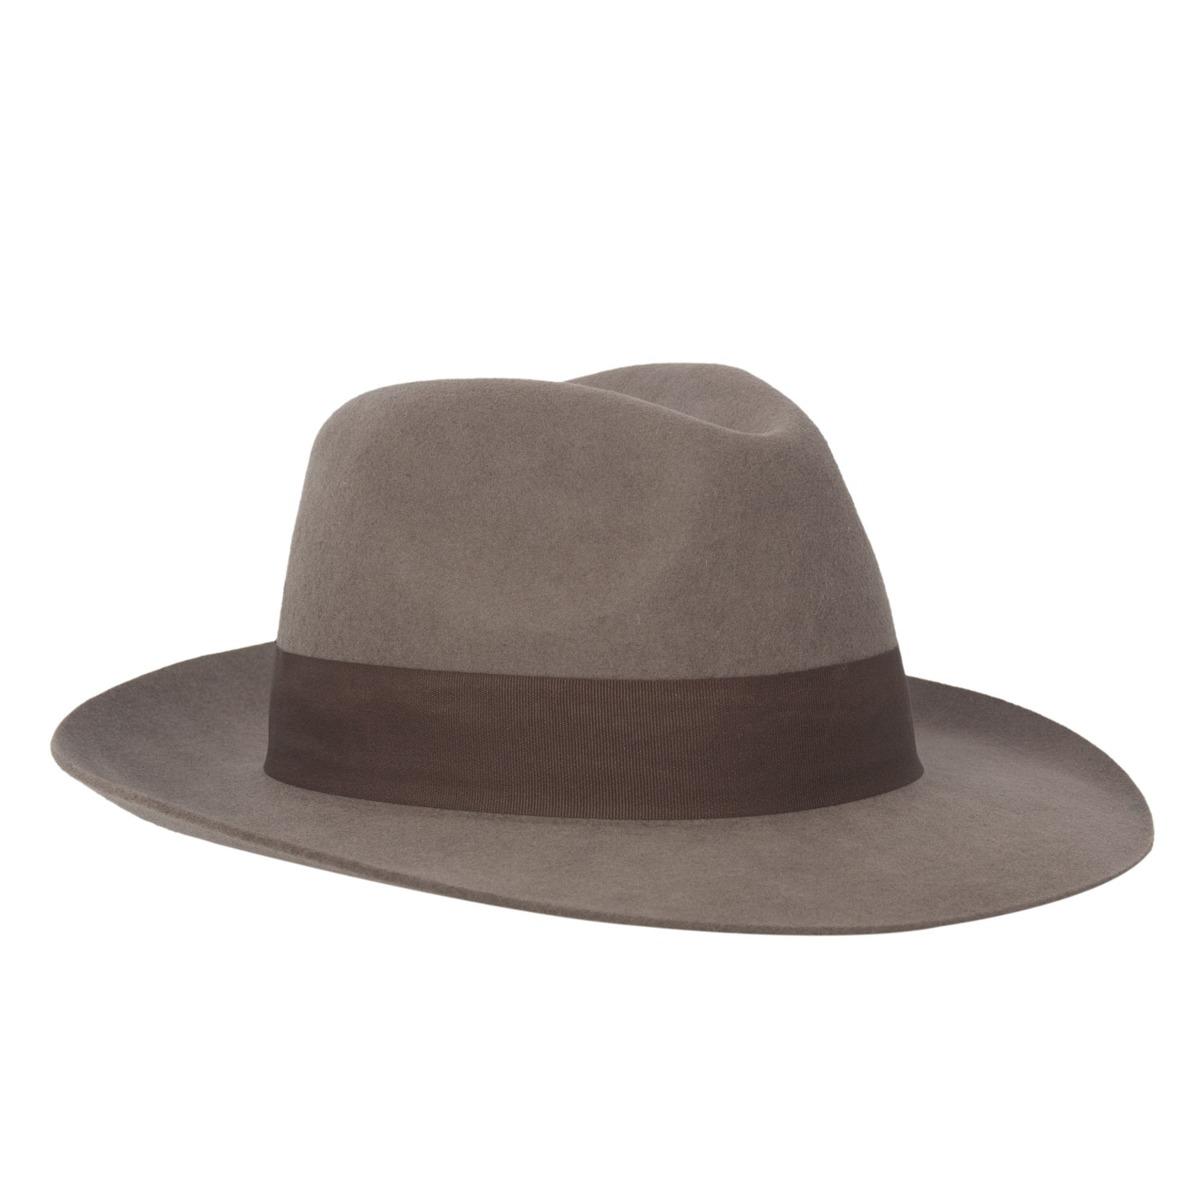 chapéu social masculino gangster johnny depp. Carregando zoom. 39821e9bfd8